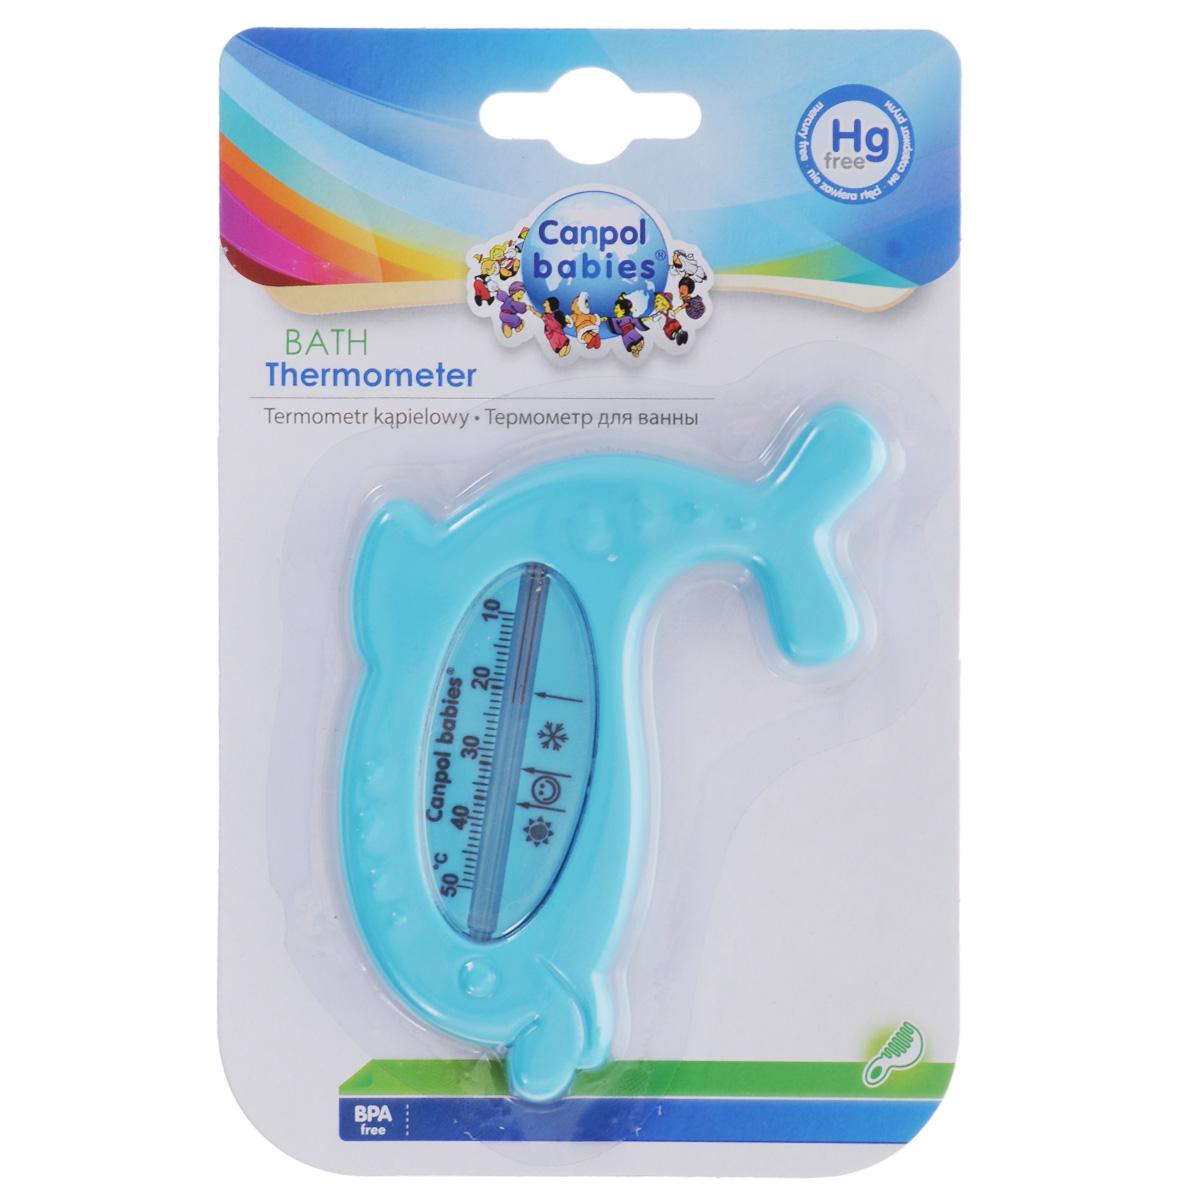 """Термометр для ванны """"Canpol Babies"""" в форме дельфина позволяет очень точно измерять температуру воды. Не содержит ртути, что обеспечивает безопасность использования. Оптимальная температура воды для ребенка около 37°С, отмечена на шкале изображением смайлика. Шкала температуры в Цельсиях, от +10°С до +50°С."""